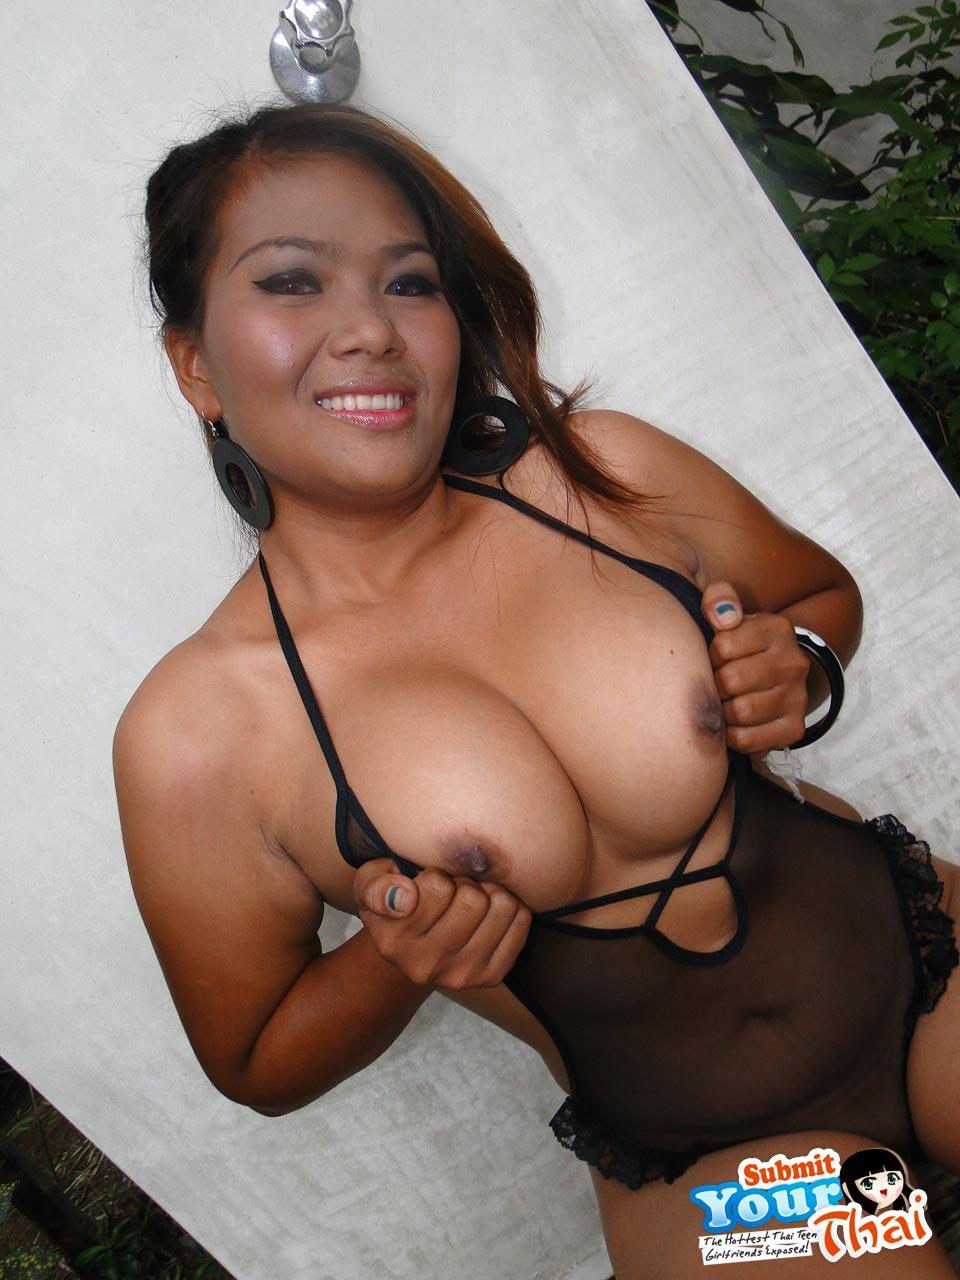 Sweet Faced Chubby Thai Girl With Nice Boobs  Asian Porn -6002